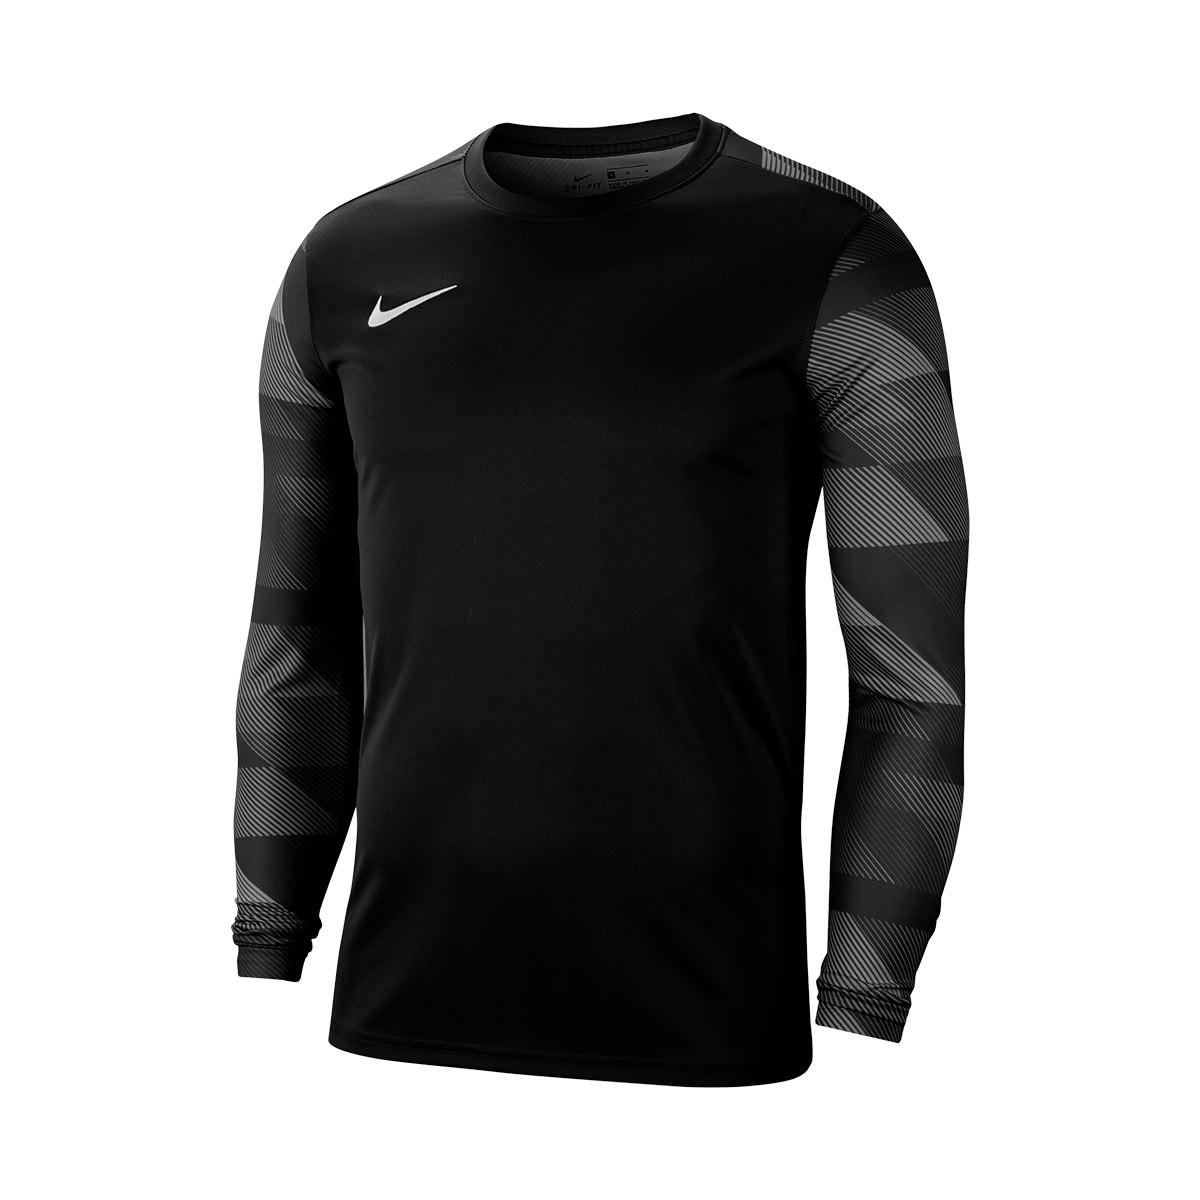 Camisola Nike Park IV Goalkeeper M/C Black-White - Fútbol Emotion